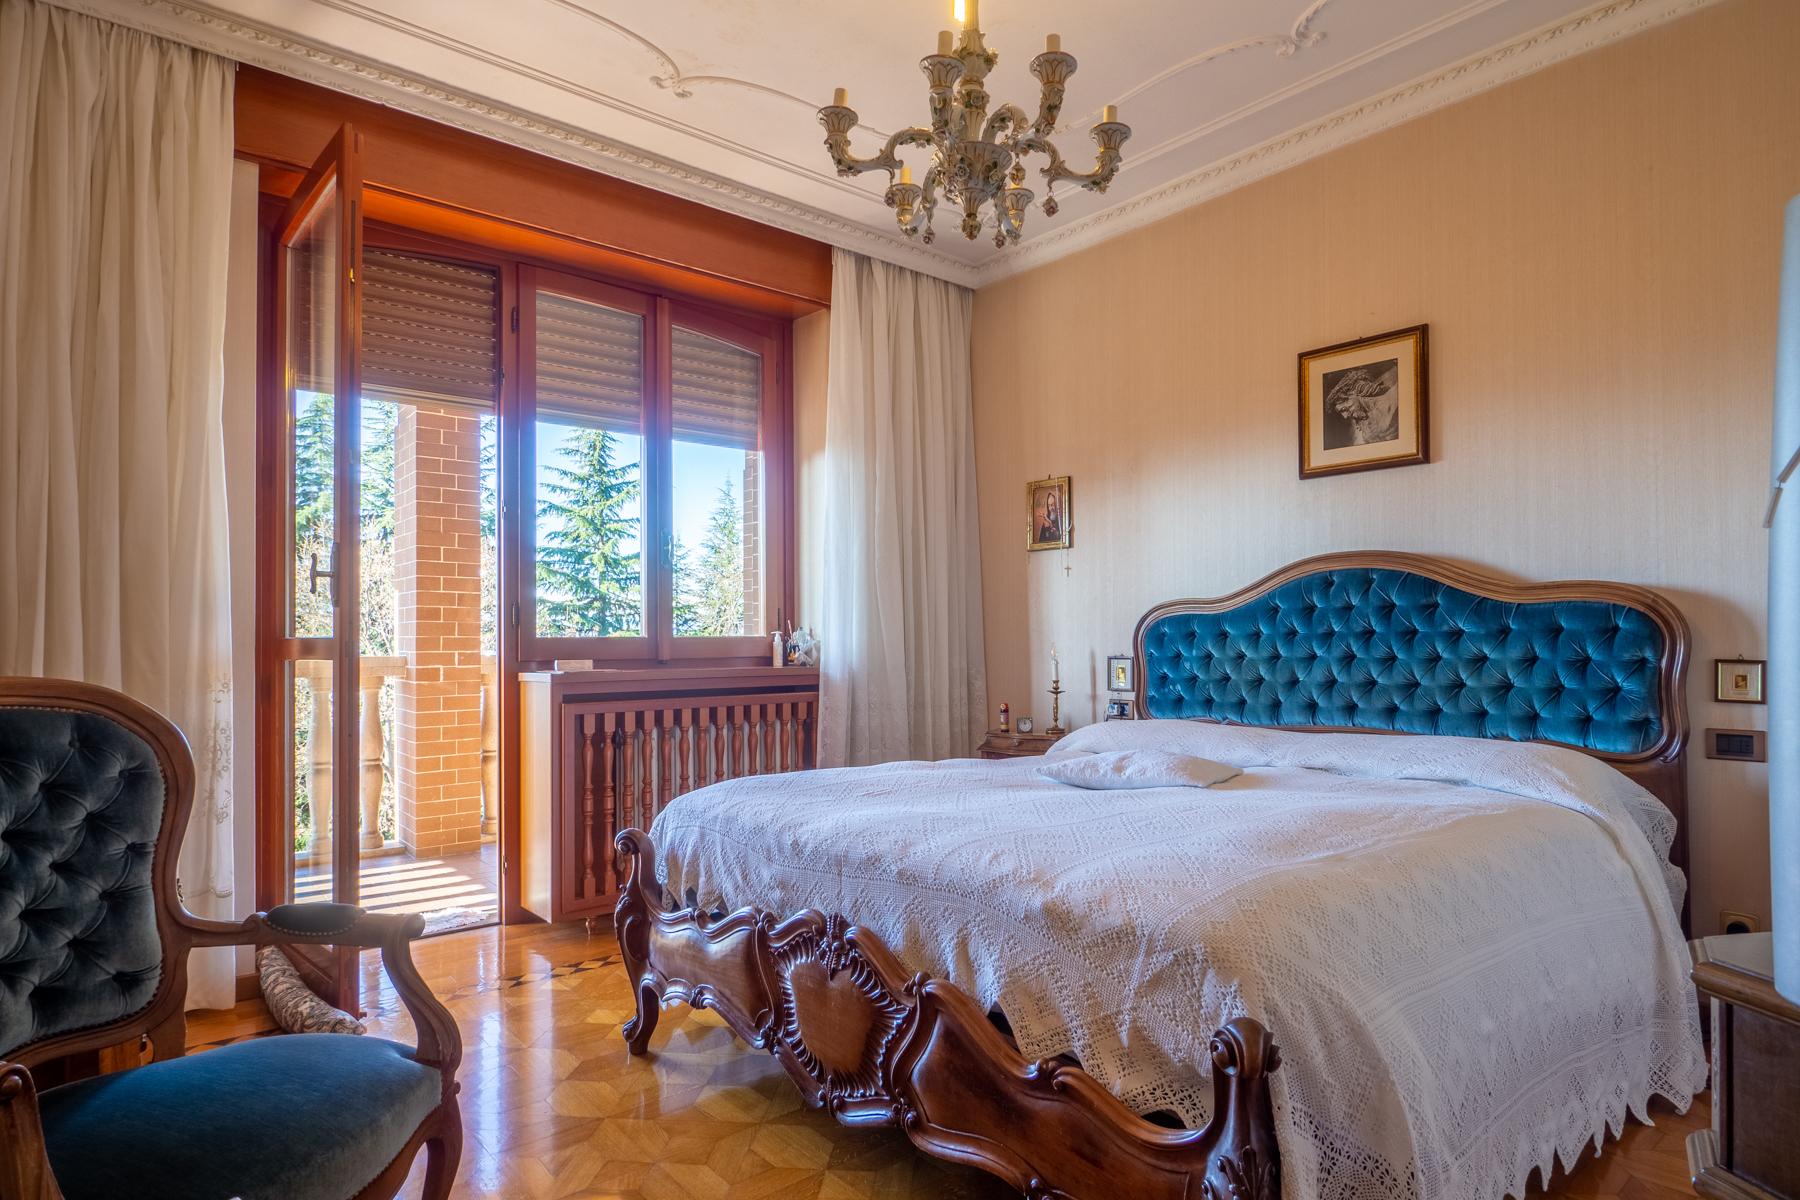 Villa in Vendita a Torino: 5 locali, 940 mq - Foto 6